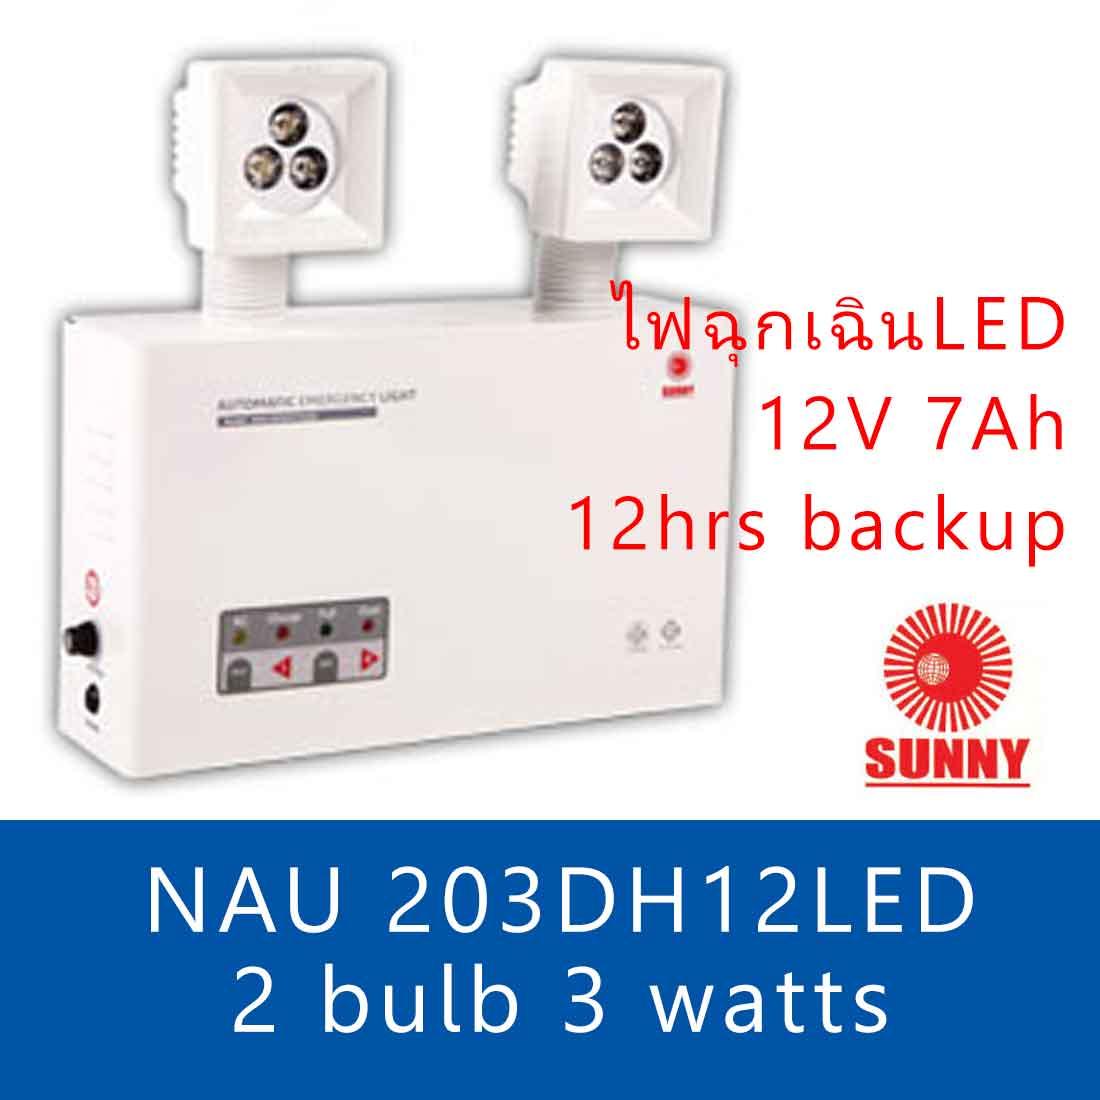 โคมไฟฉุกเฉิน LED 2 หลอด 3 watt 12V 7Ah 12hrs NAU203DH12LED SUNNY